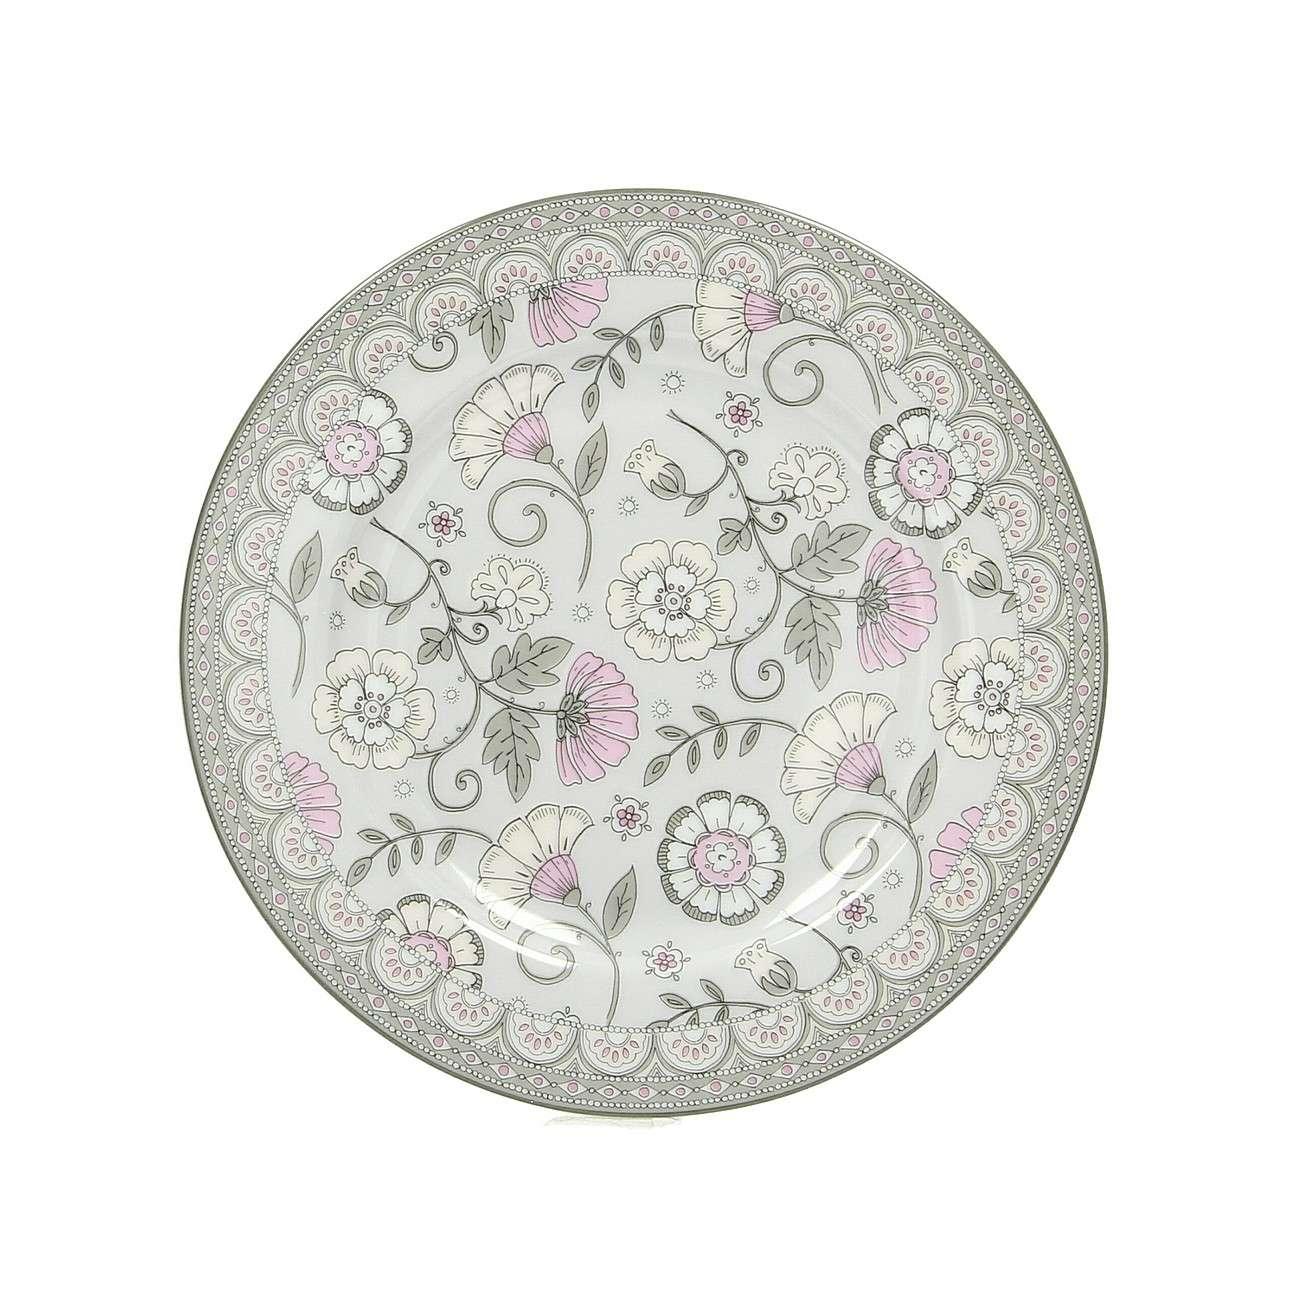 Dezertní talíř Romantic průměr 21 cm